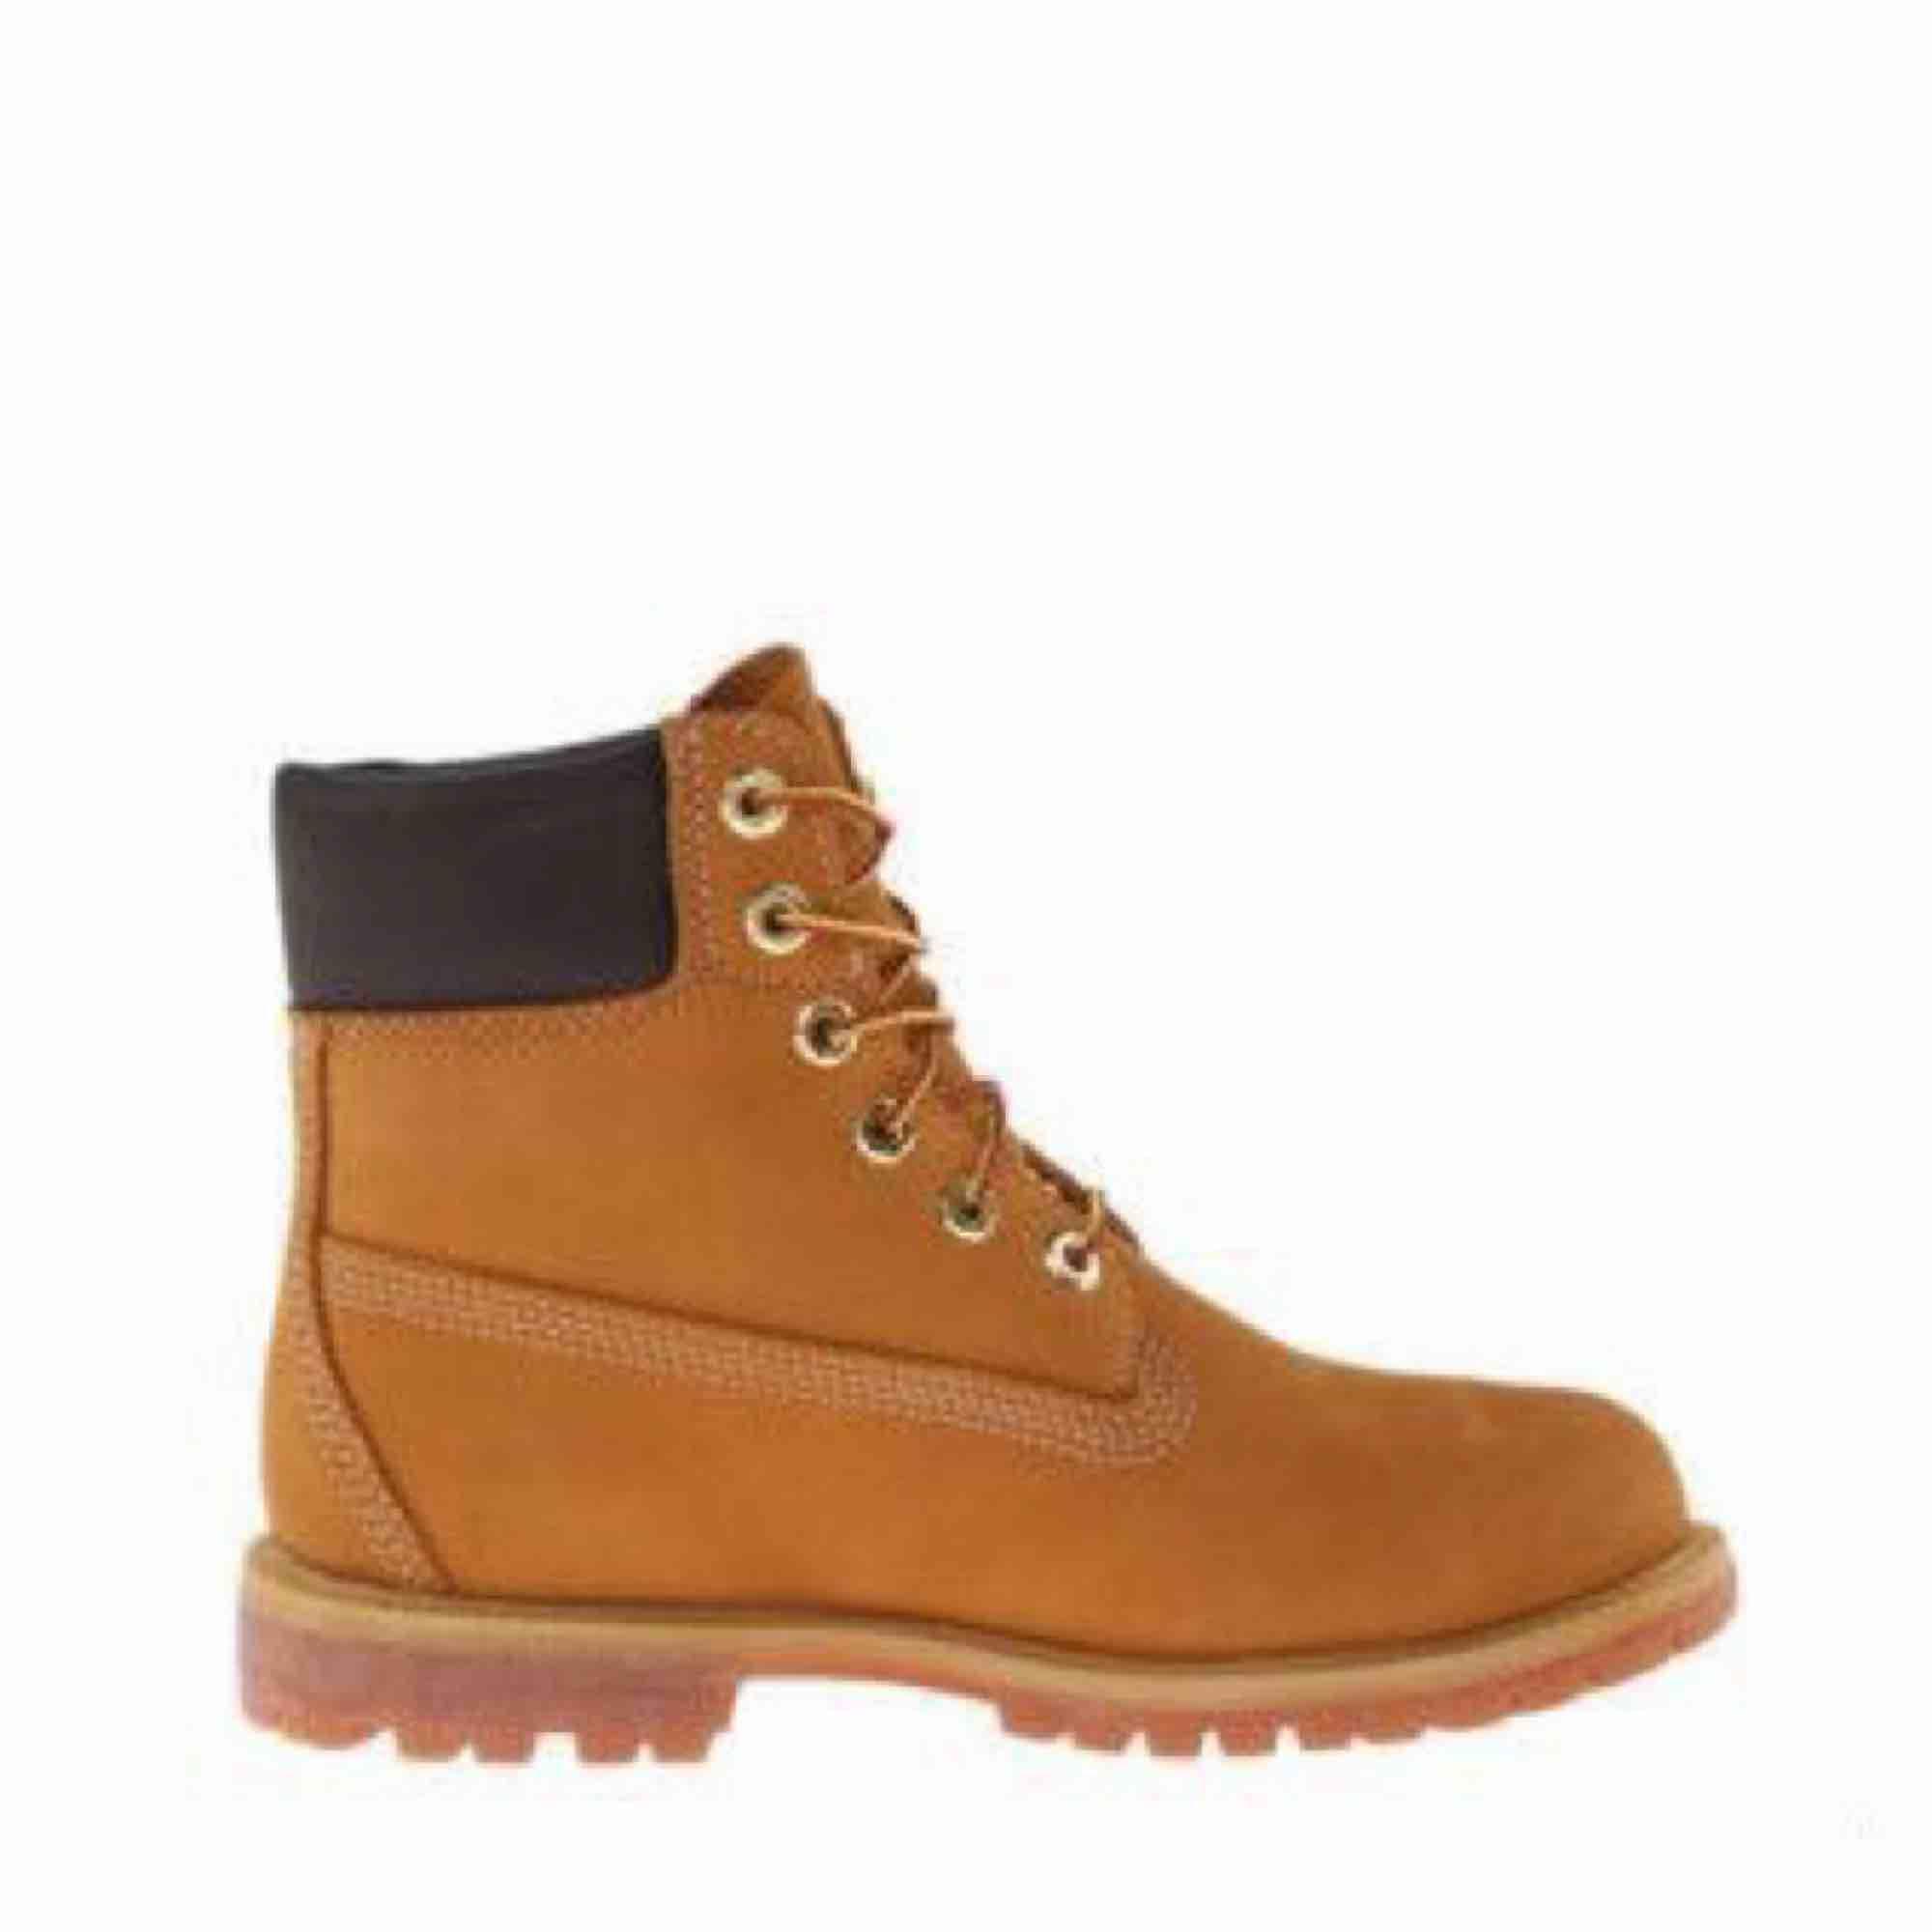 En AAA kopia Timberland boots, bra för vintern och hösten. Använt bara 2 gånger. Frakt ingår ej så 225kr. Skor.